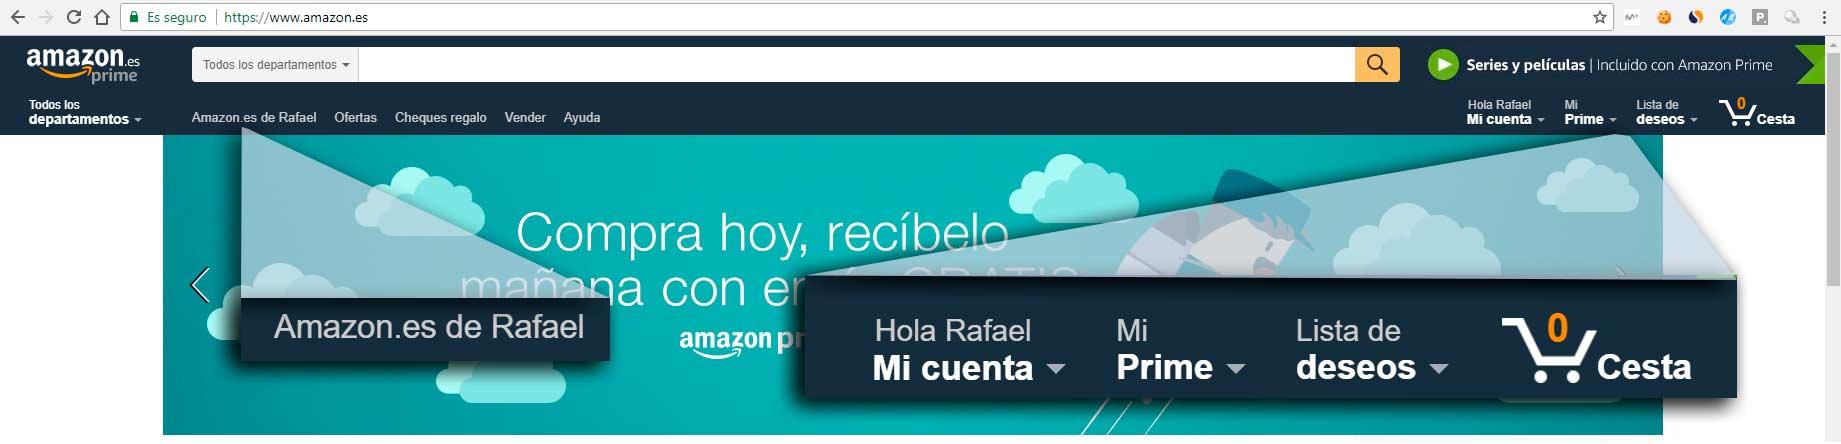 amazon personaliza la página inicial